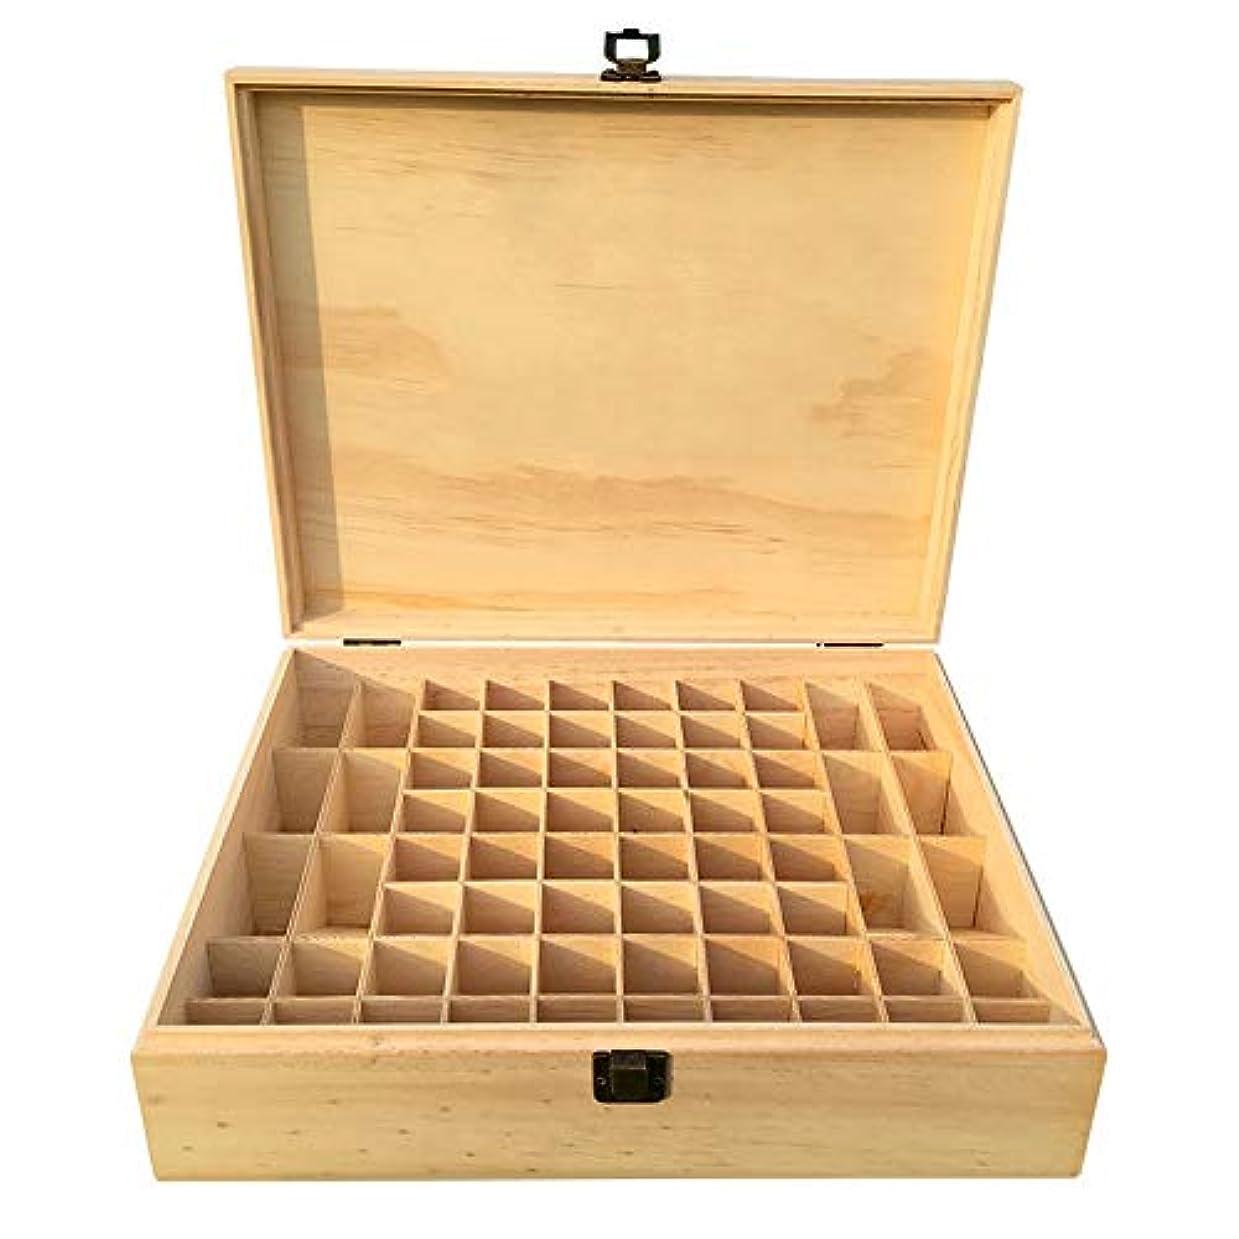 セーブ匹敵しますオーロックエッセンシャルオイルボックス あなたの精油セキュリティ木箱を維持するための最良の5?10ミリリットル大型石油貯蔵68ボトルケース管理のストレージ アロマセラピー収納ボックス (色 : Natural, サイズ : 34X27.5X9CM)